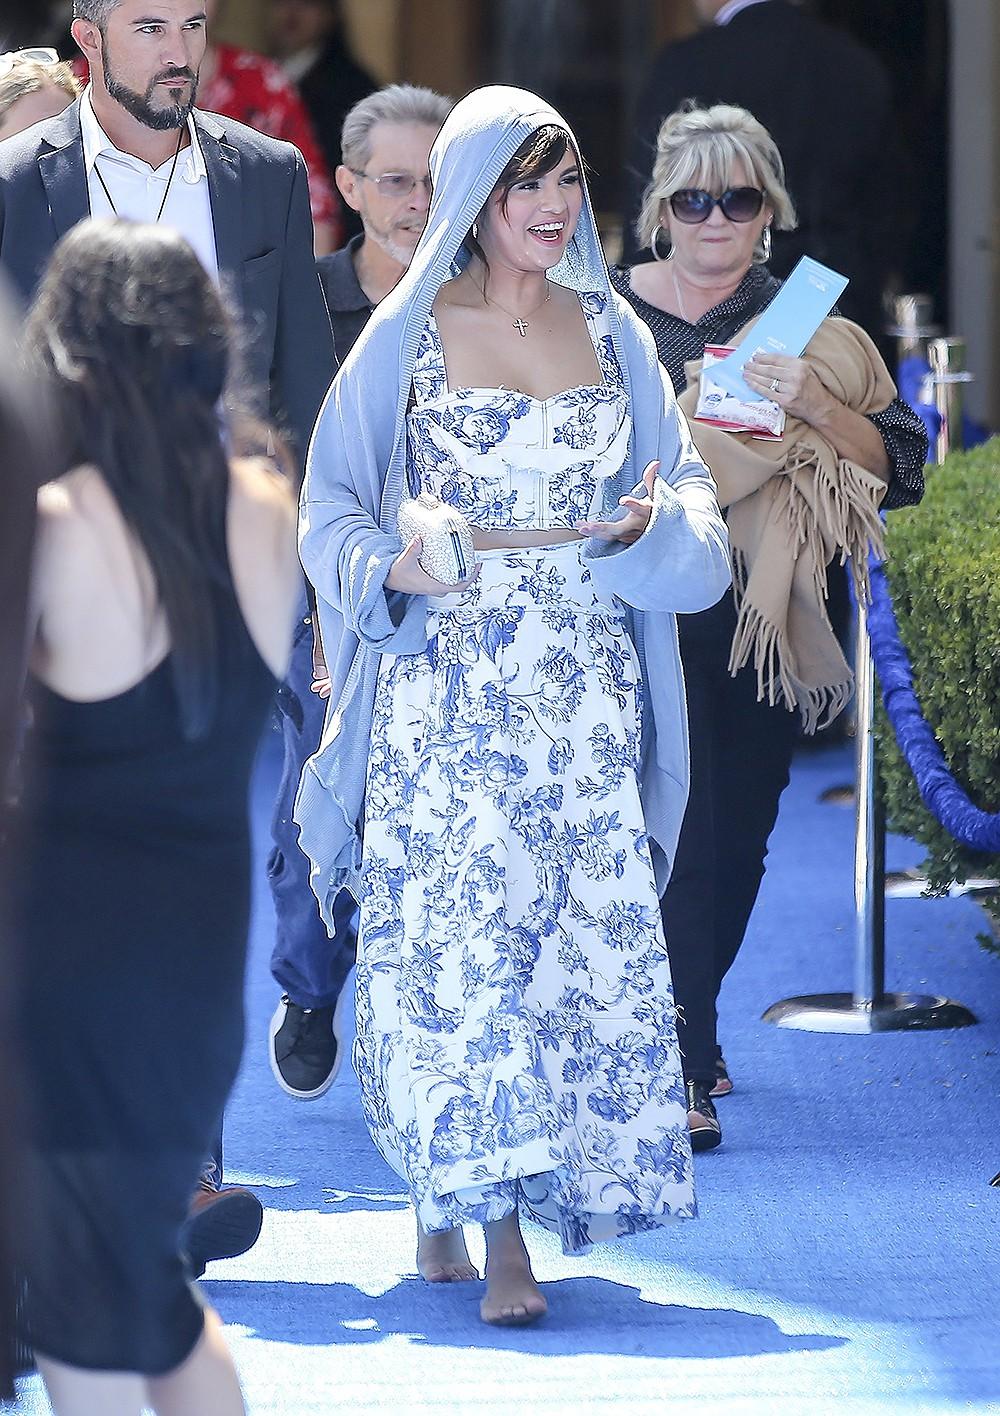 Quá mỏi vì giày cao gót, Selena Gomez vô tư đi luôn chân trần giữa sự kiện - Ảnh 1.